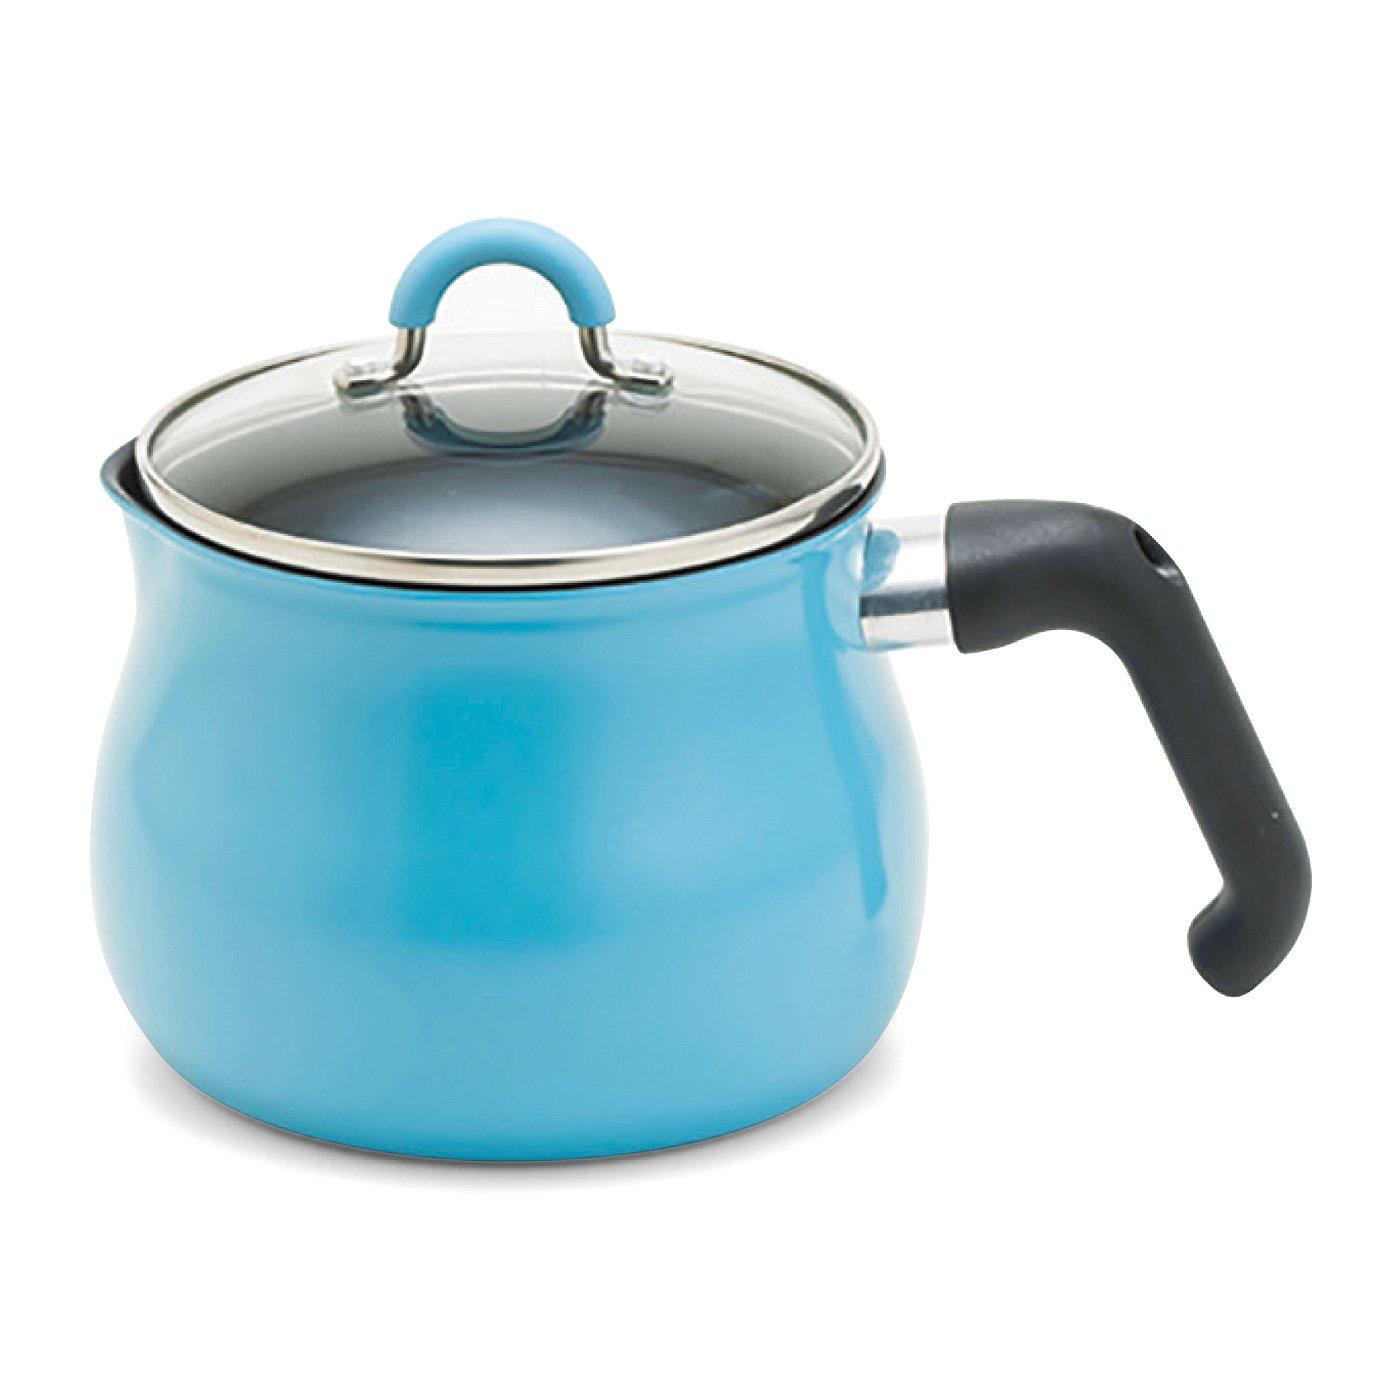 いろいろな鍋の役割をギューッとひとつに 7通りに使えるマルチポット〈ブルー〉